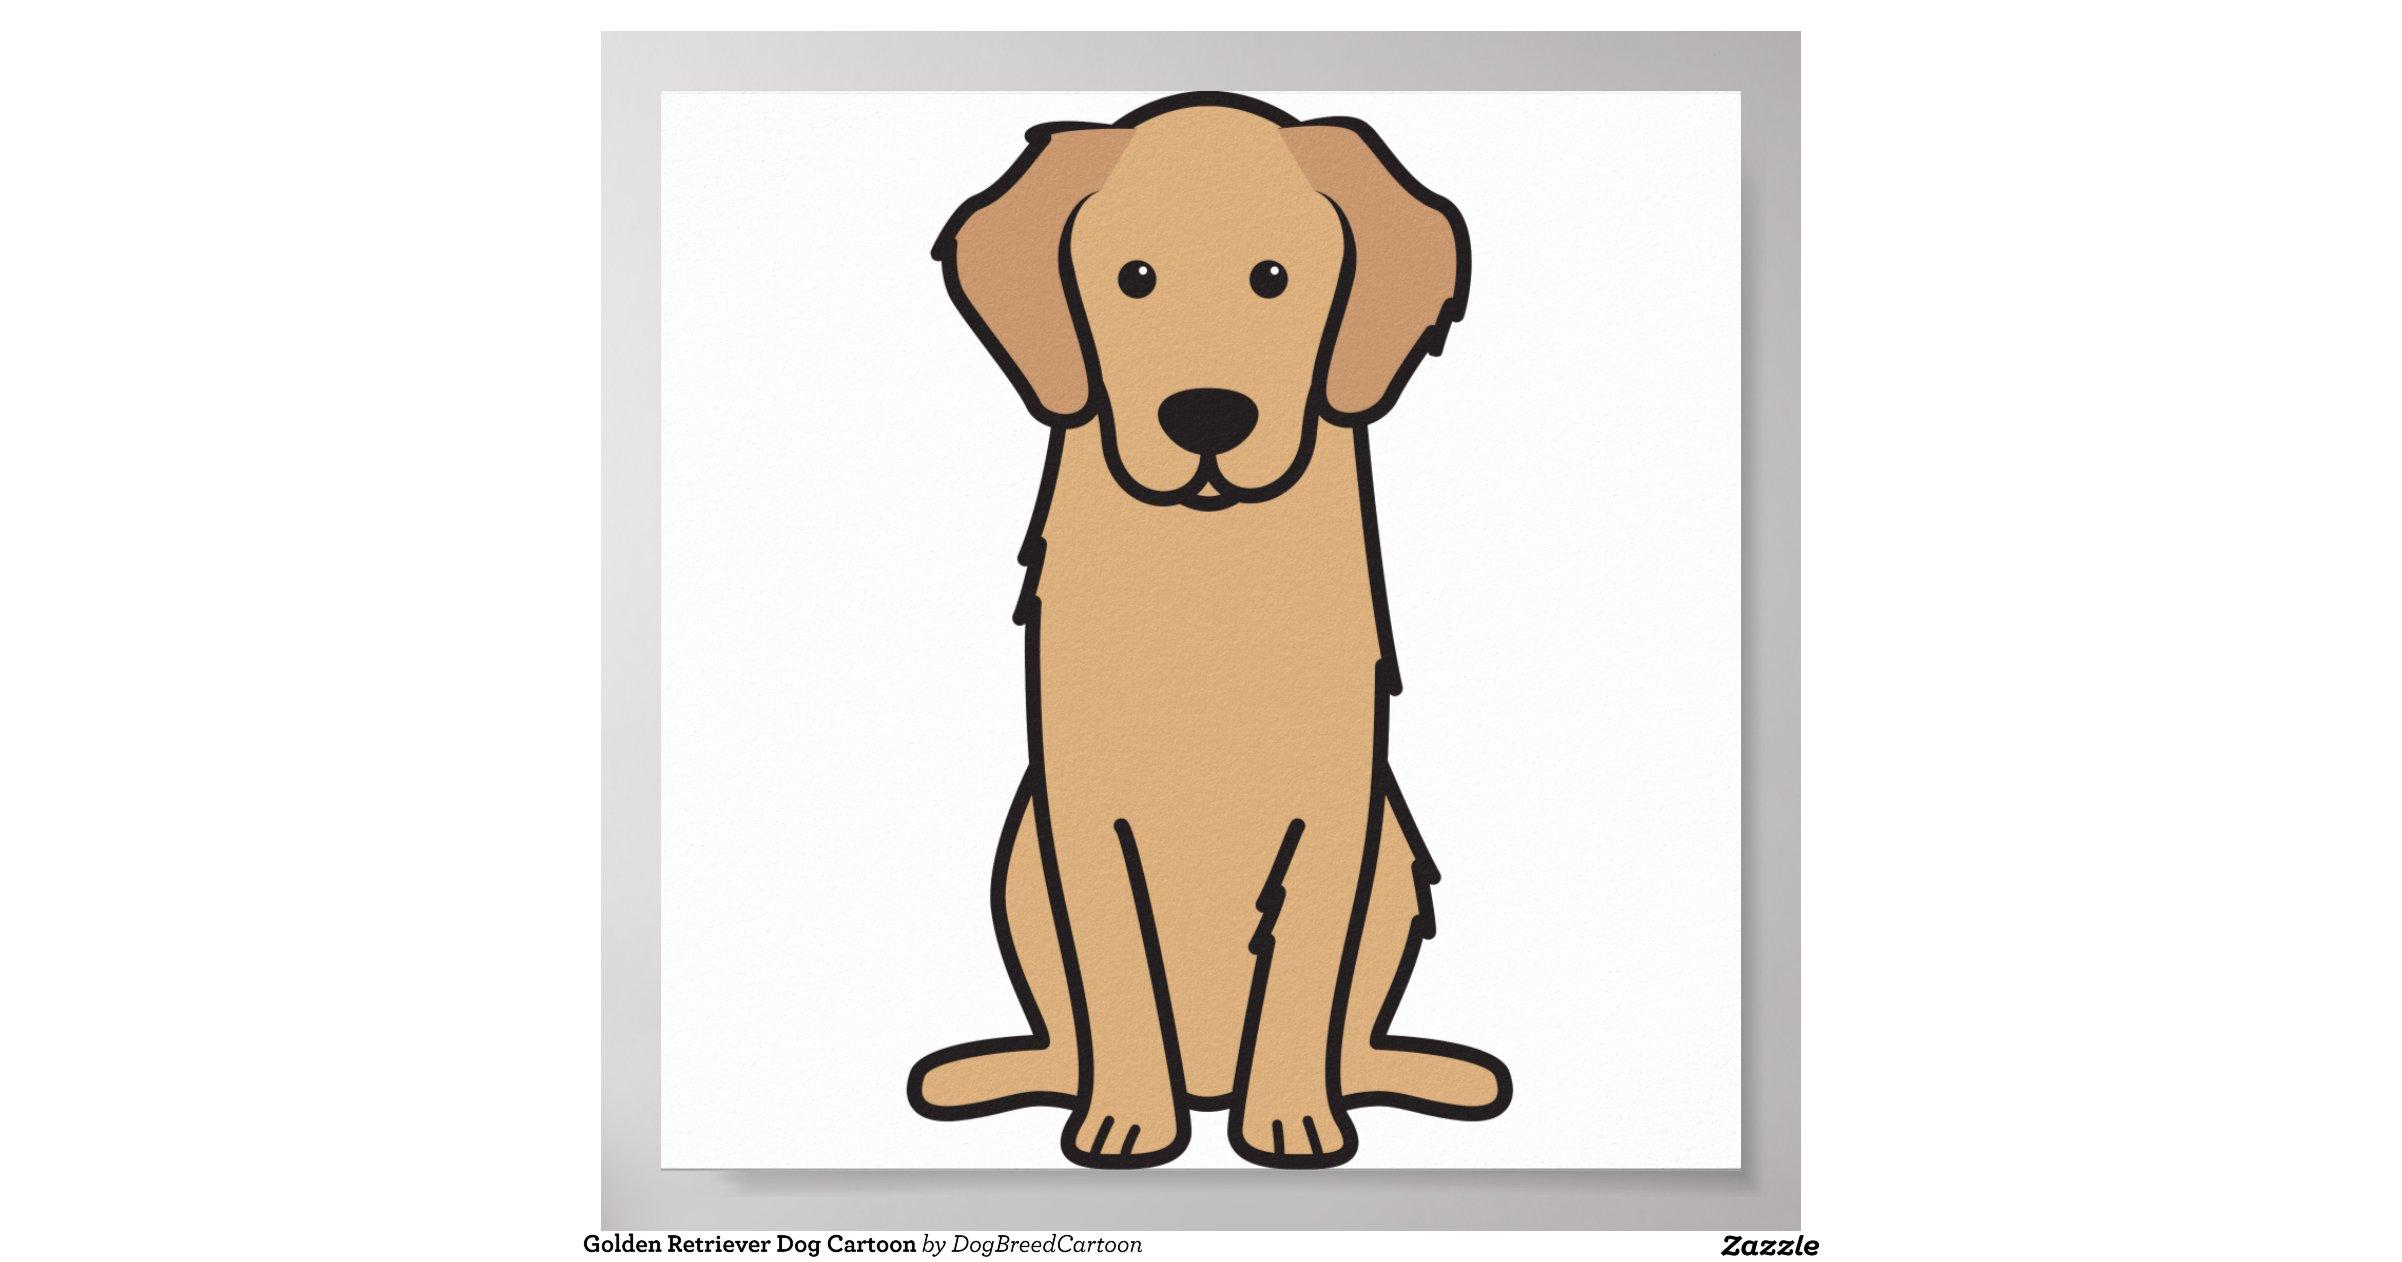 Goldenretrieverdogcartoonposter